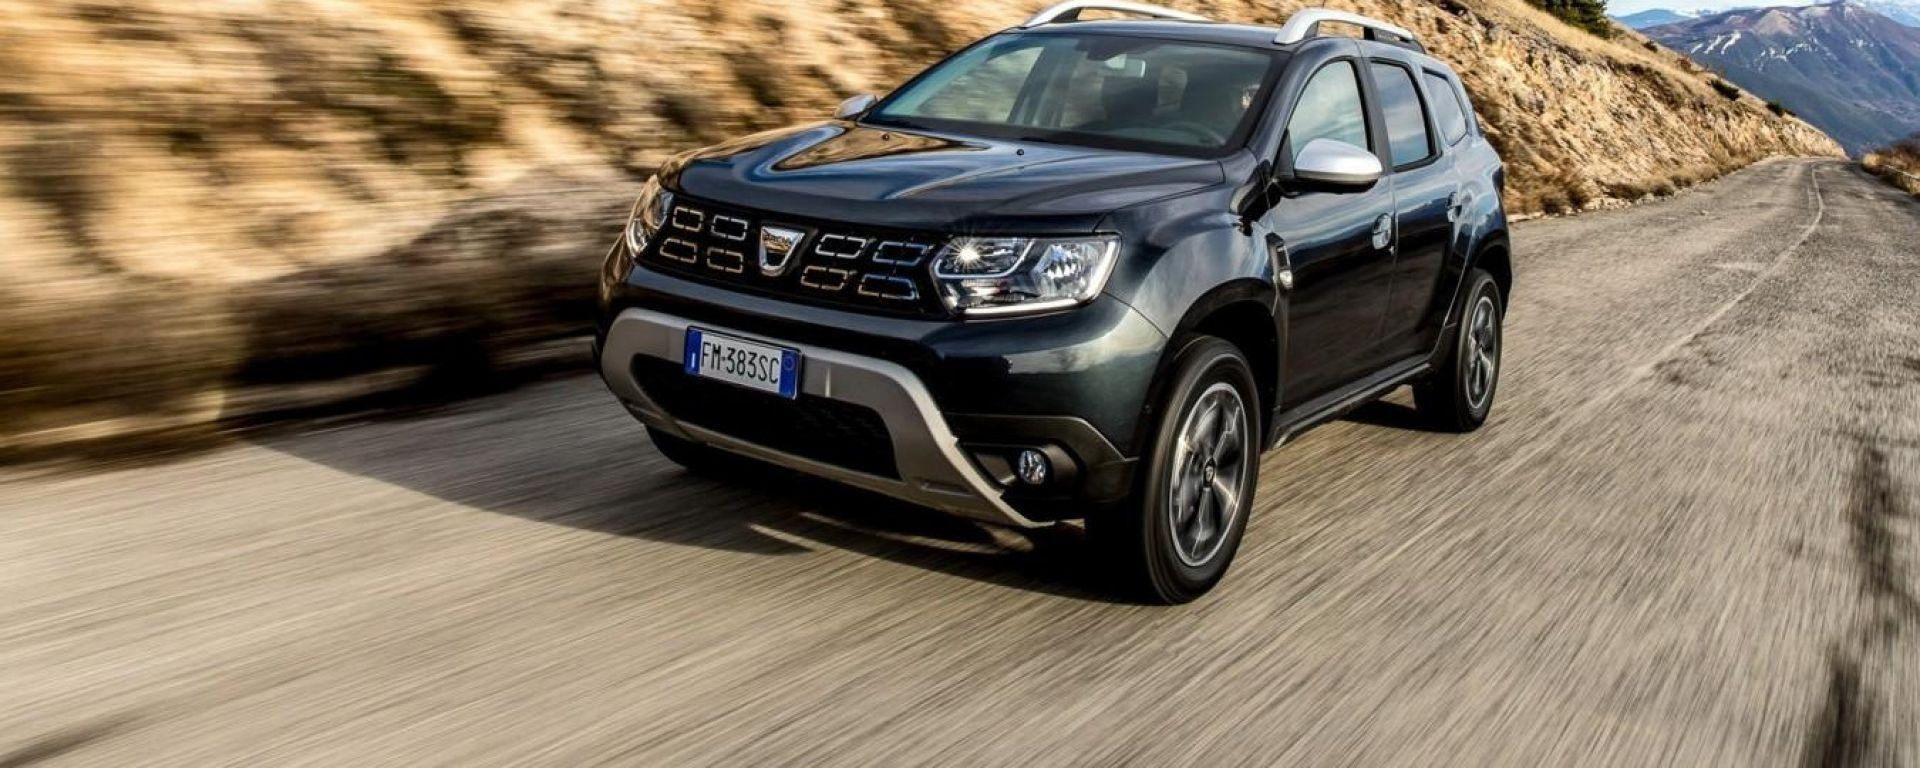 Dacia Duster, ad aprile 2019 il modello straniero più venduto in Italia